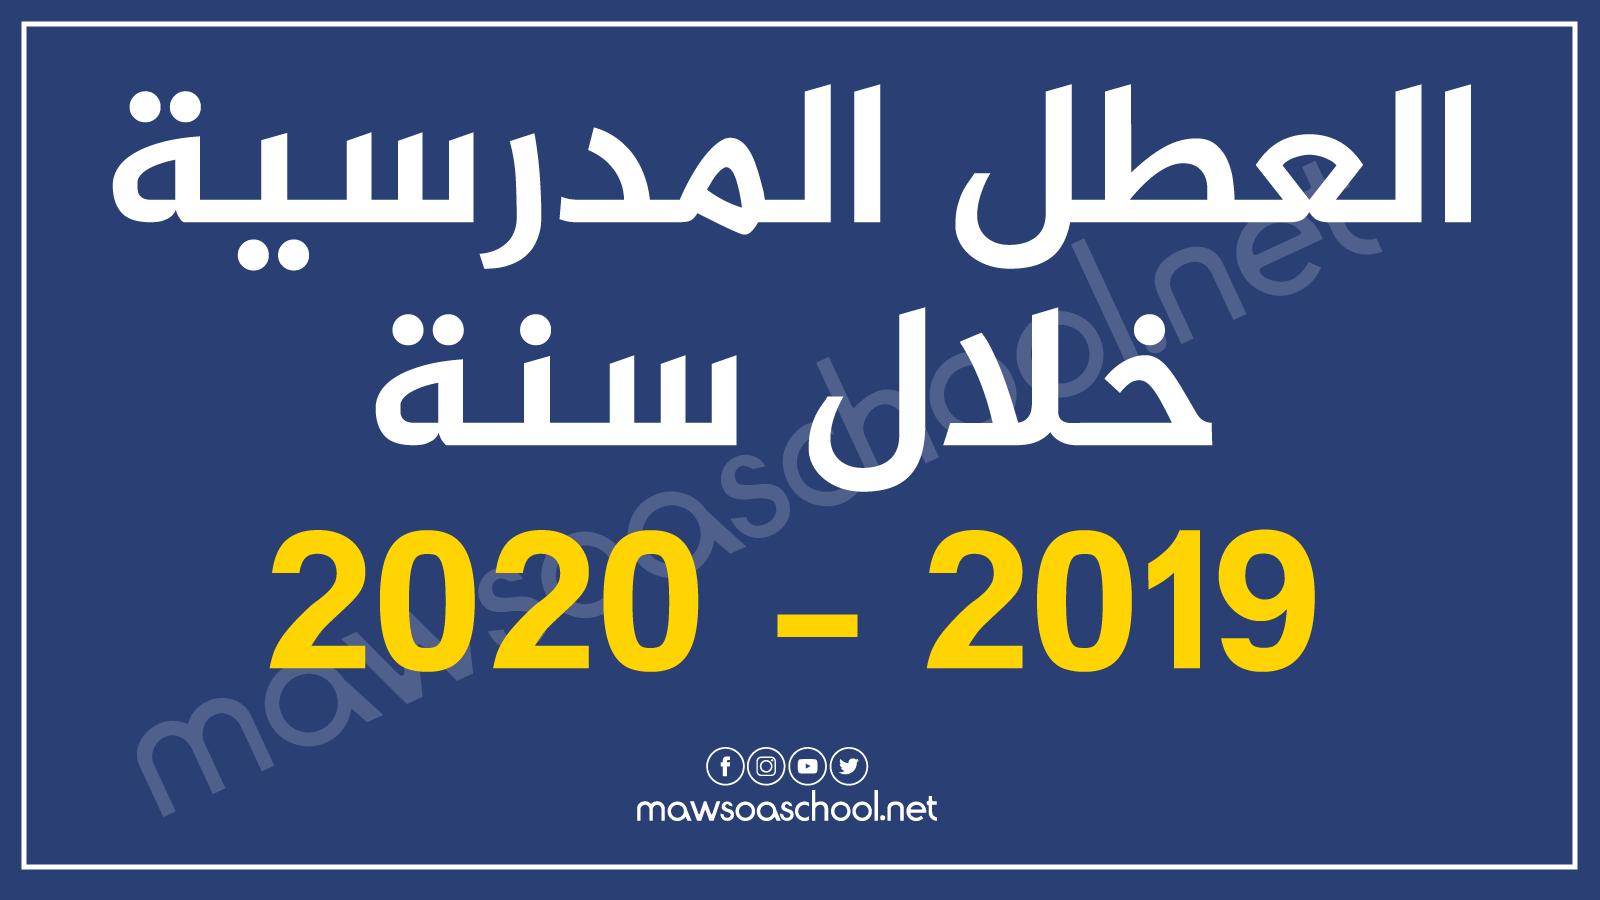 قائمة العطل المدرسية لسنة 2019 - 2020